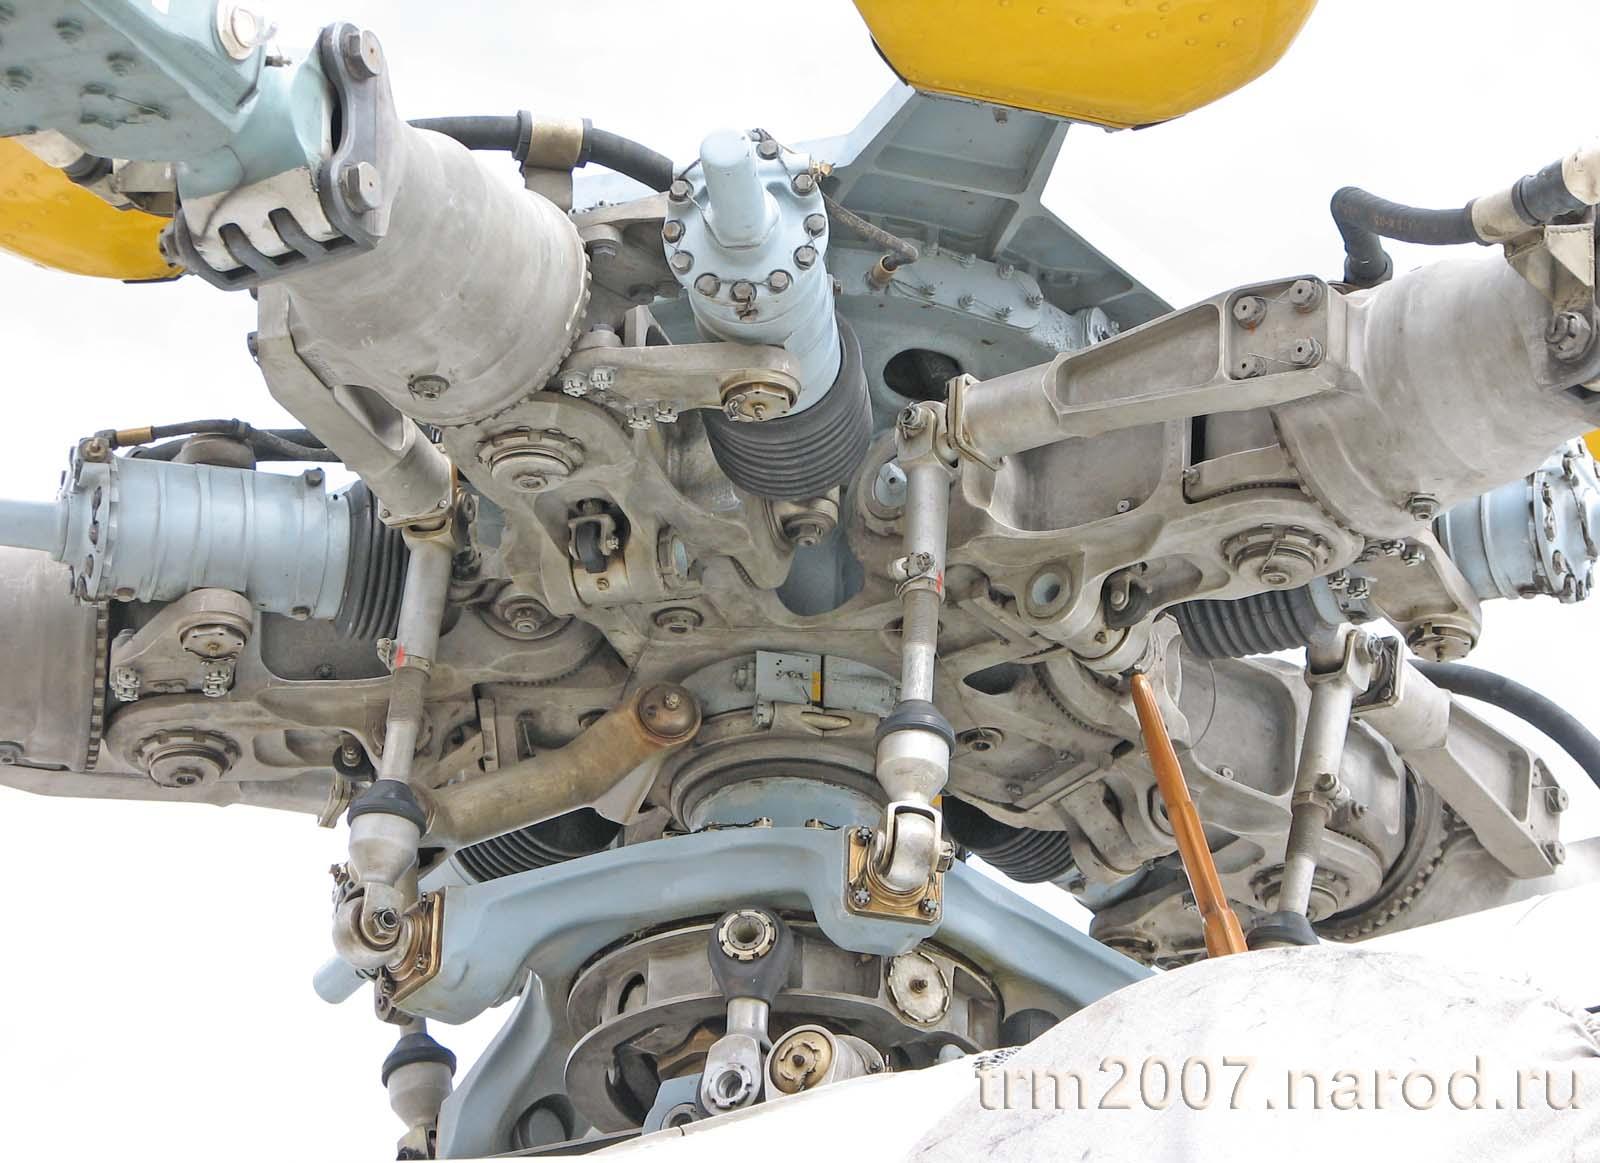 Несущий винт вертолета МИ-8ТП крупным планом